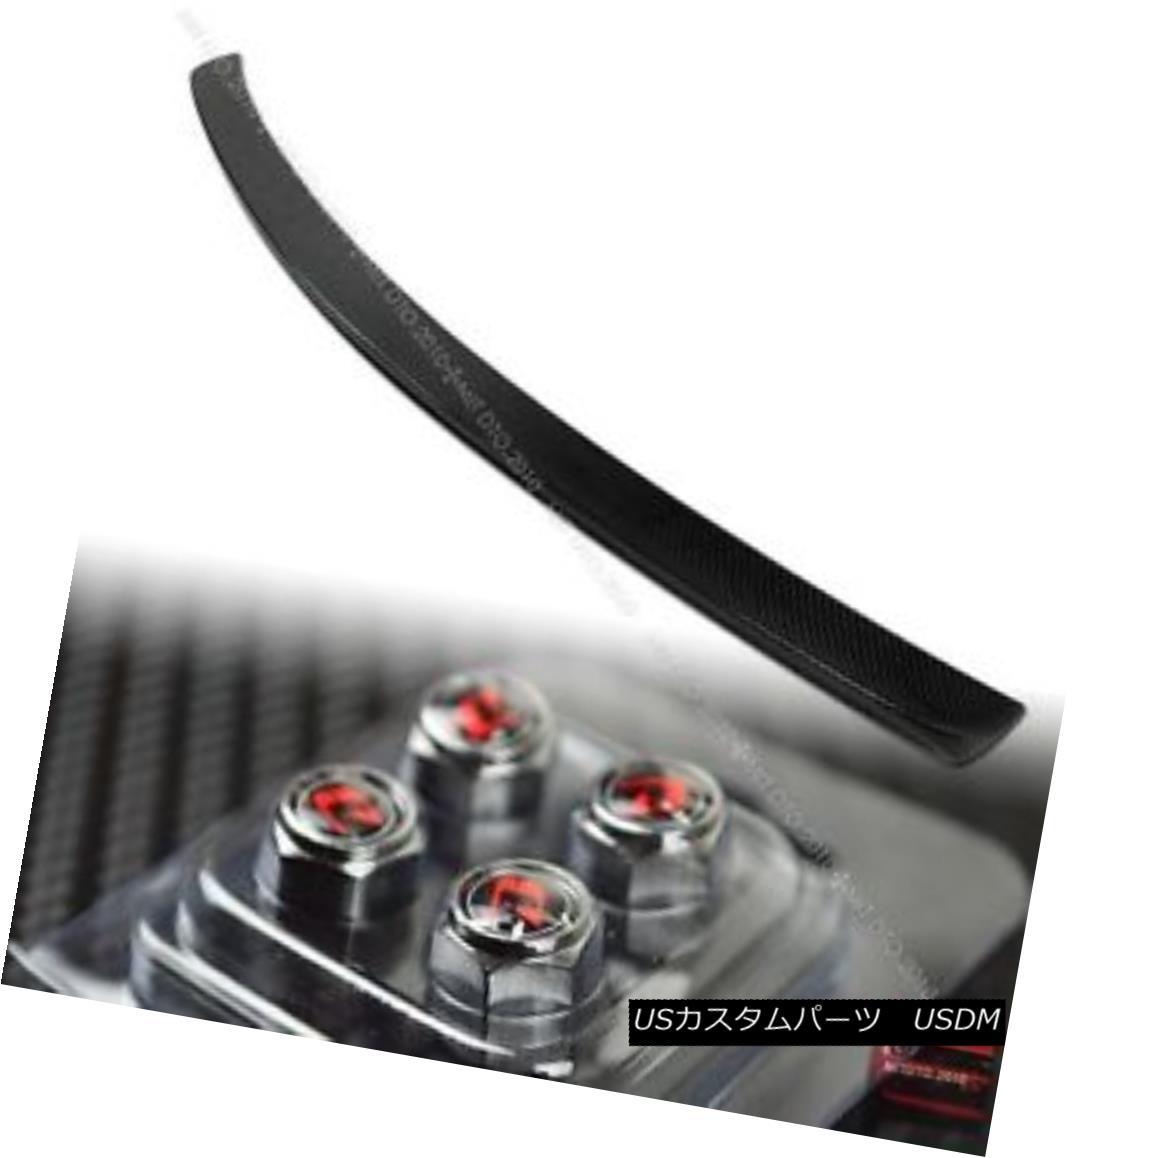 エアロパーツ Carbon Fiber Mercedes Benz C204 2DR Coupe A Type Rear Trunk Boot Spoiler Wing § カーボンファイバーメルセデスベンツC204 2DRクーペAタイプリアトランクブーツスポイラーウイング